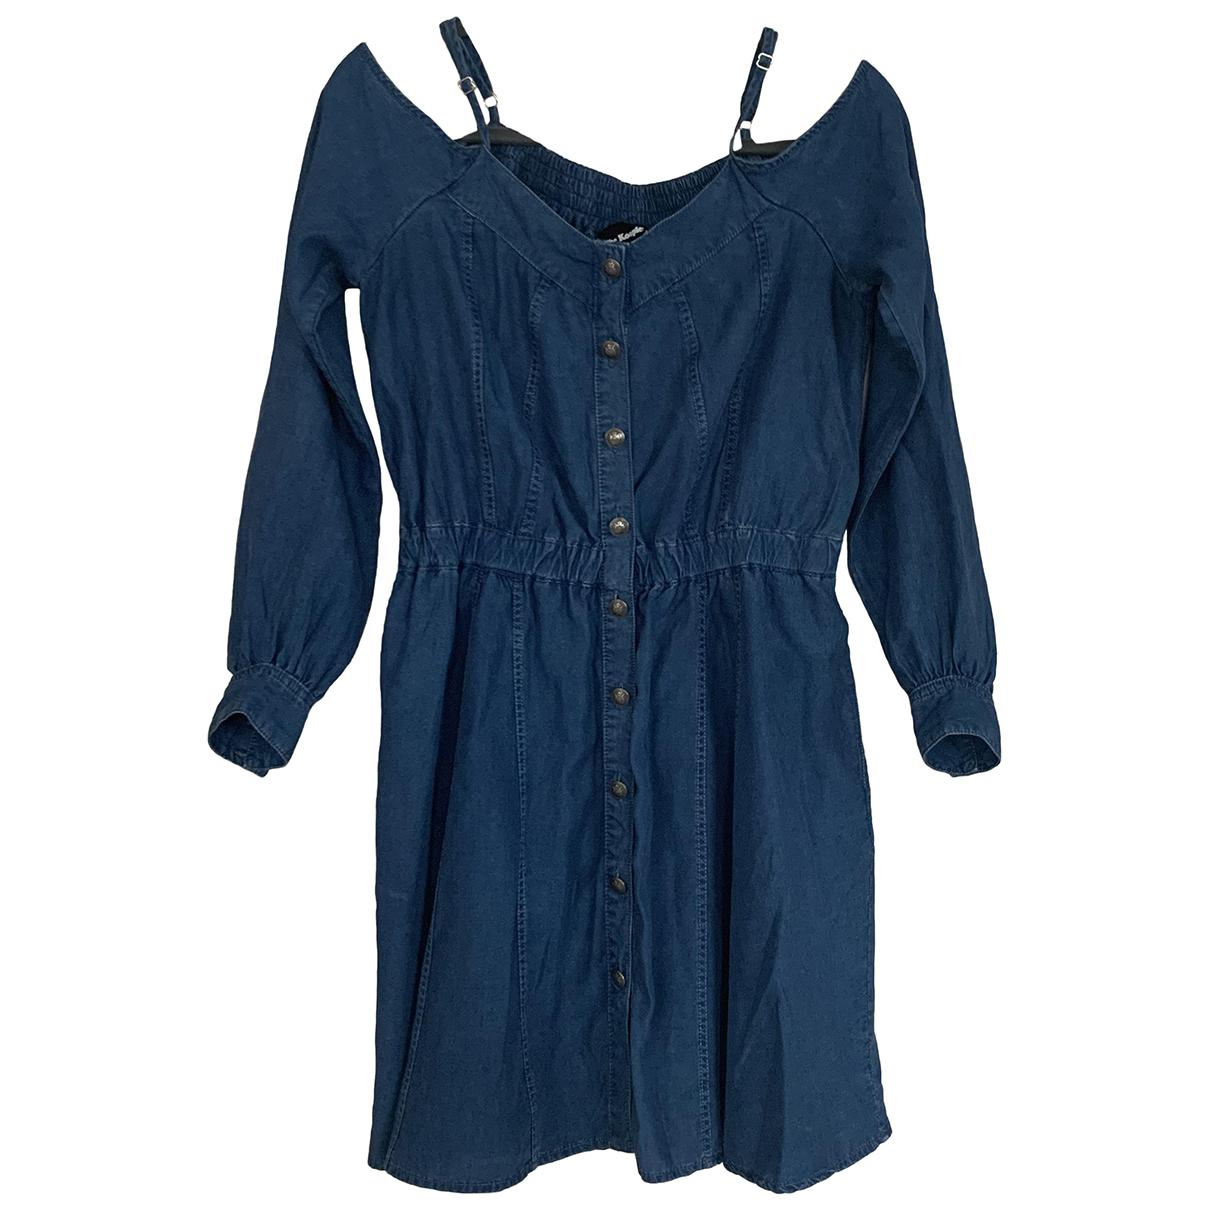 The Kooples N Blue Denim - Jeans dress for Women 3 0-5